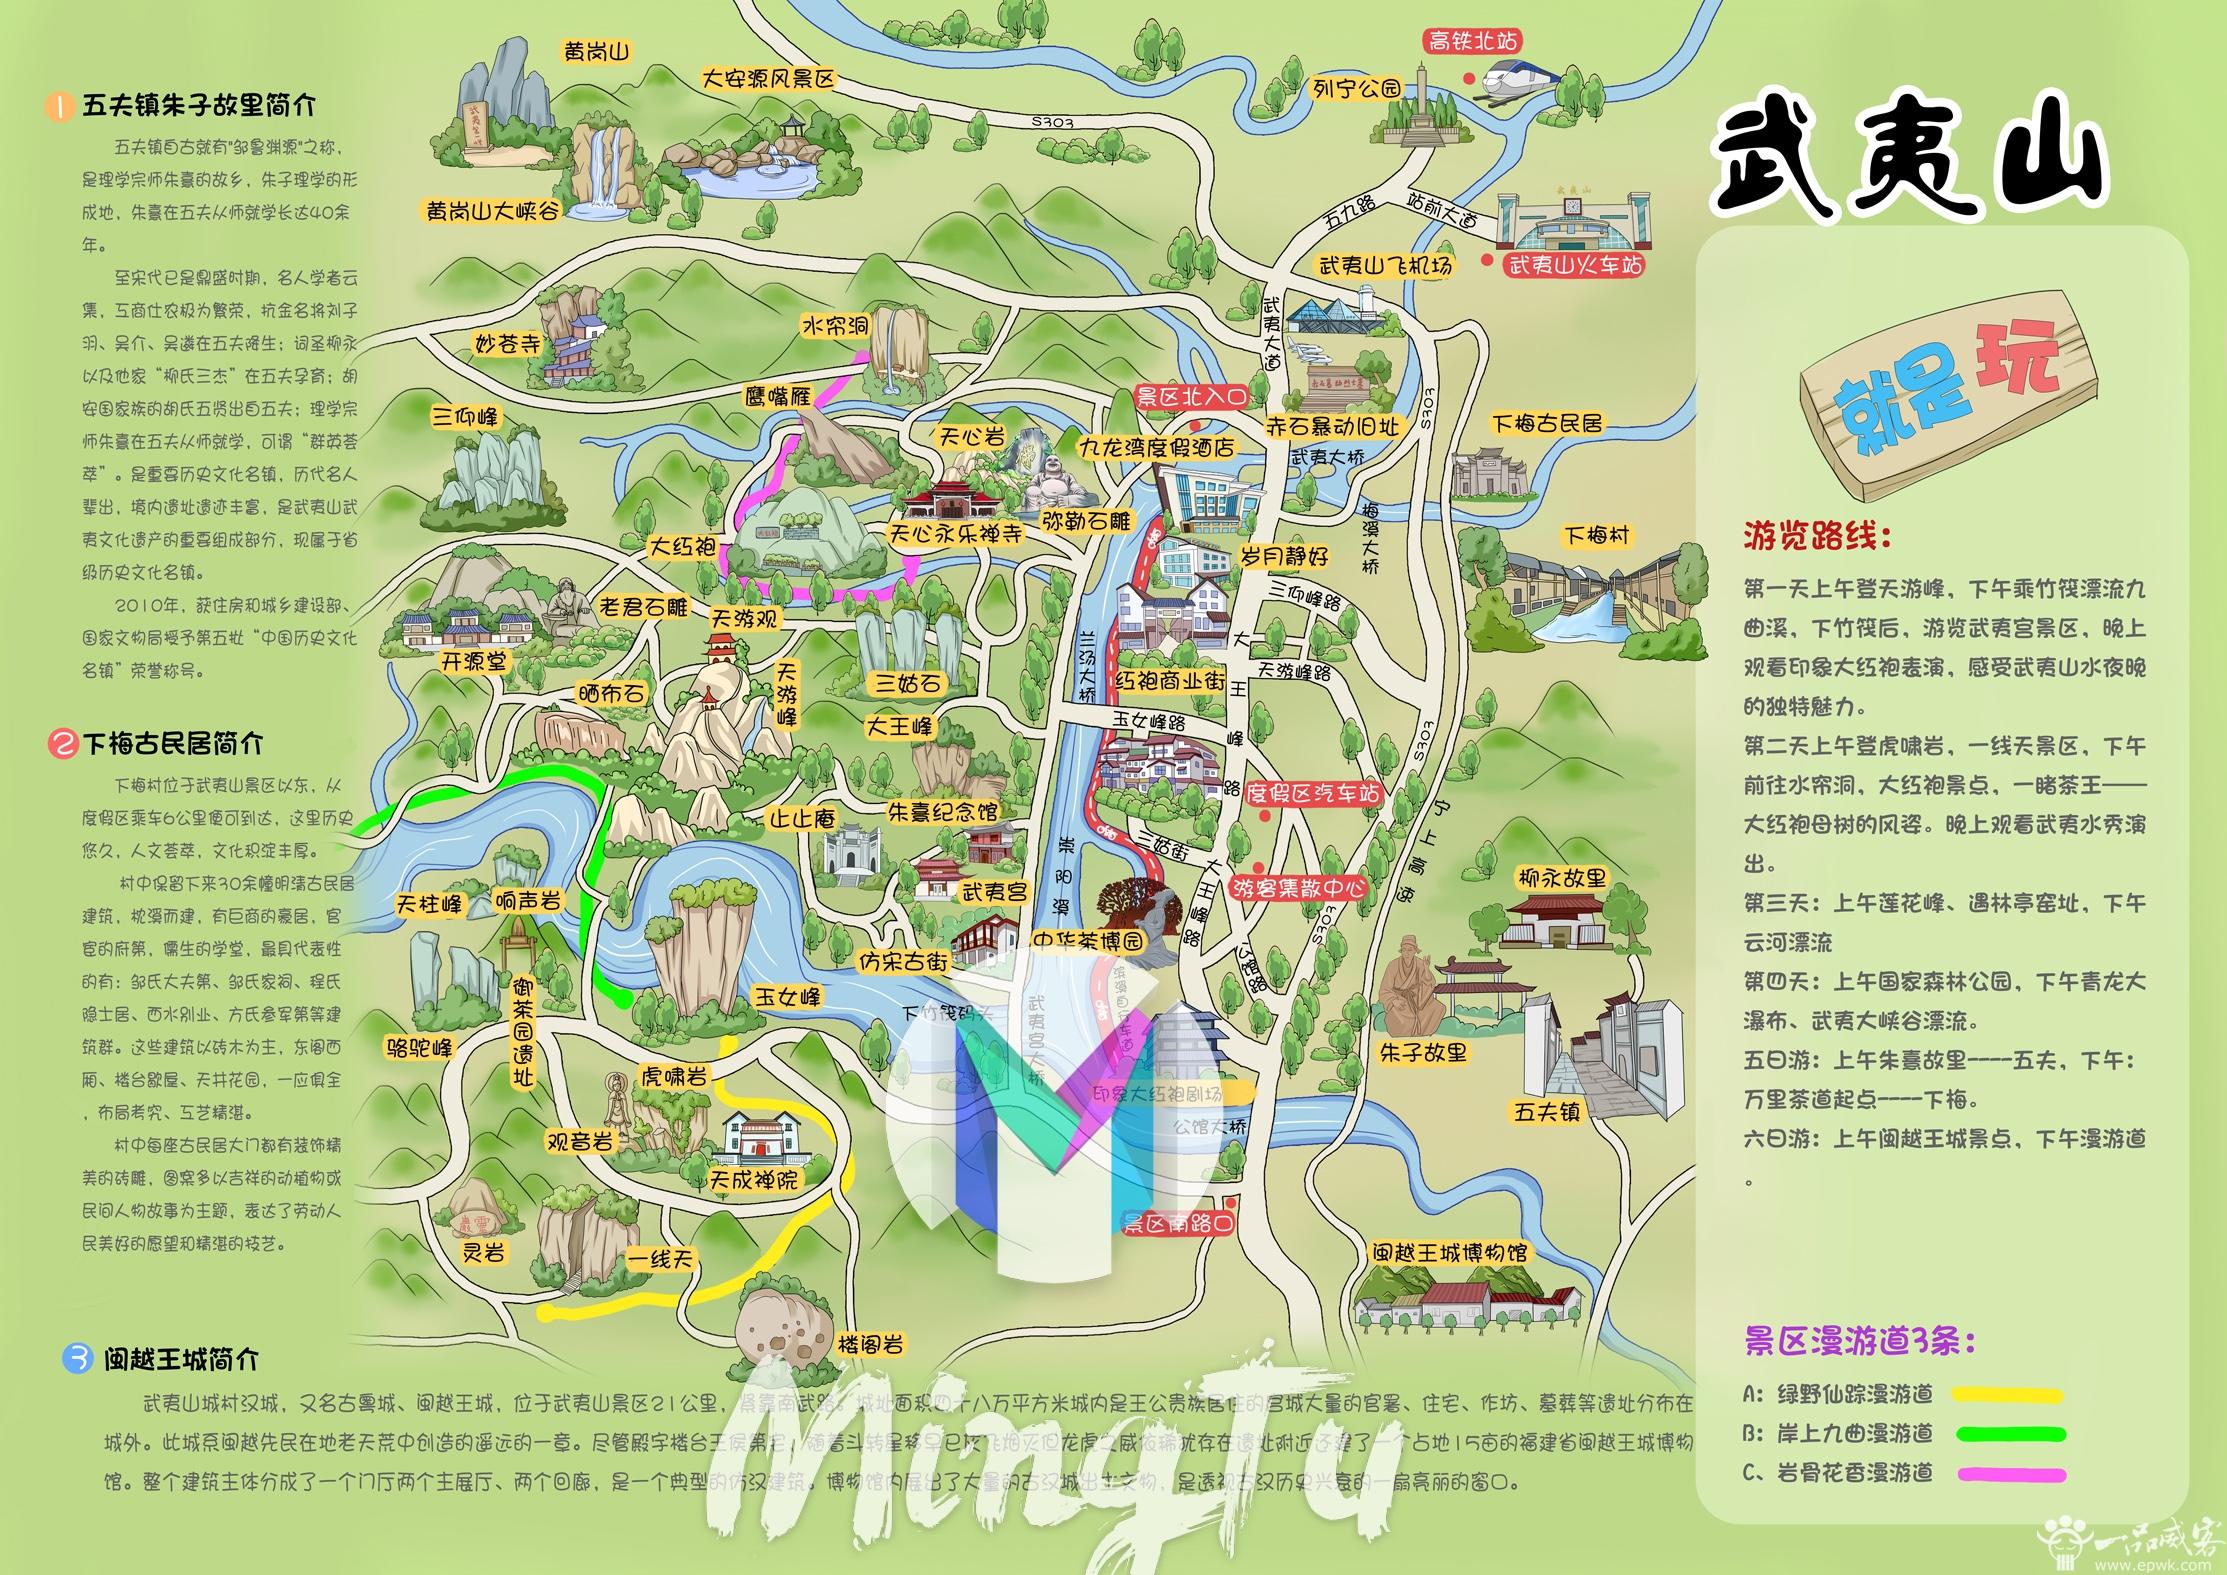 武夷山景区手绘地图